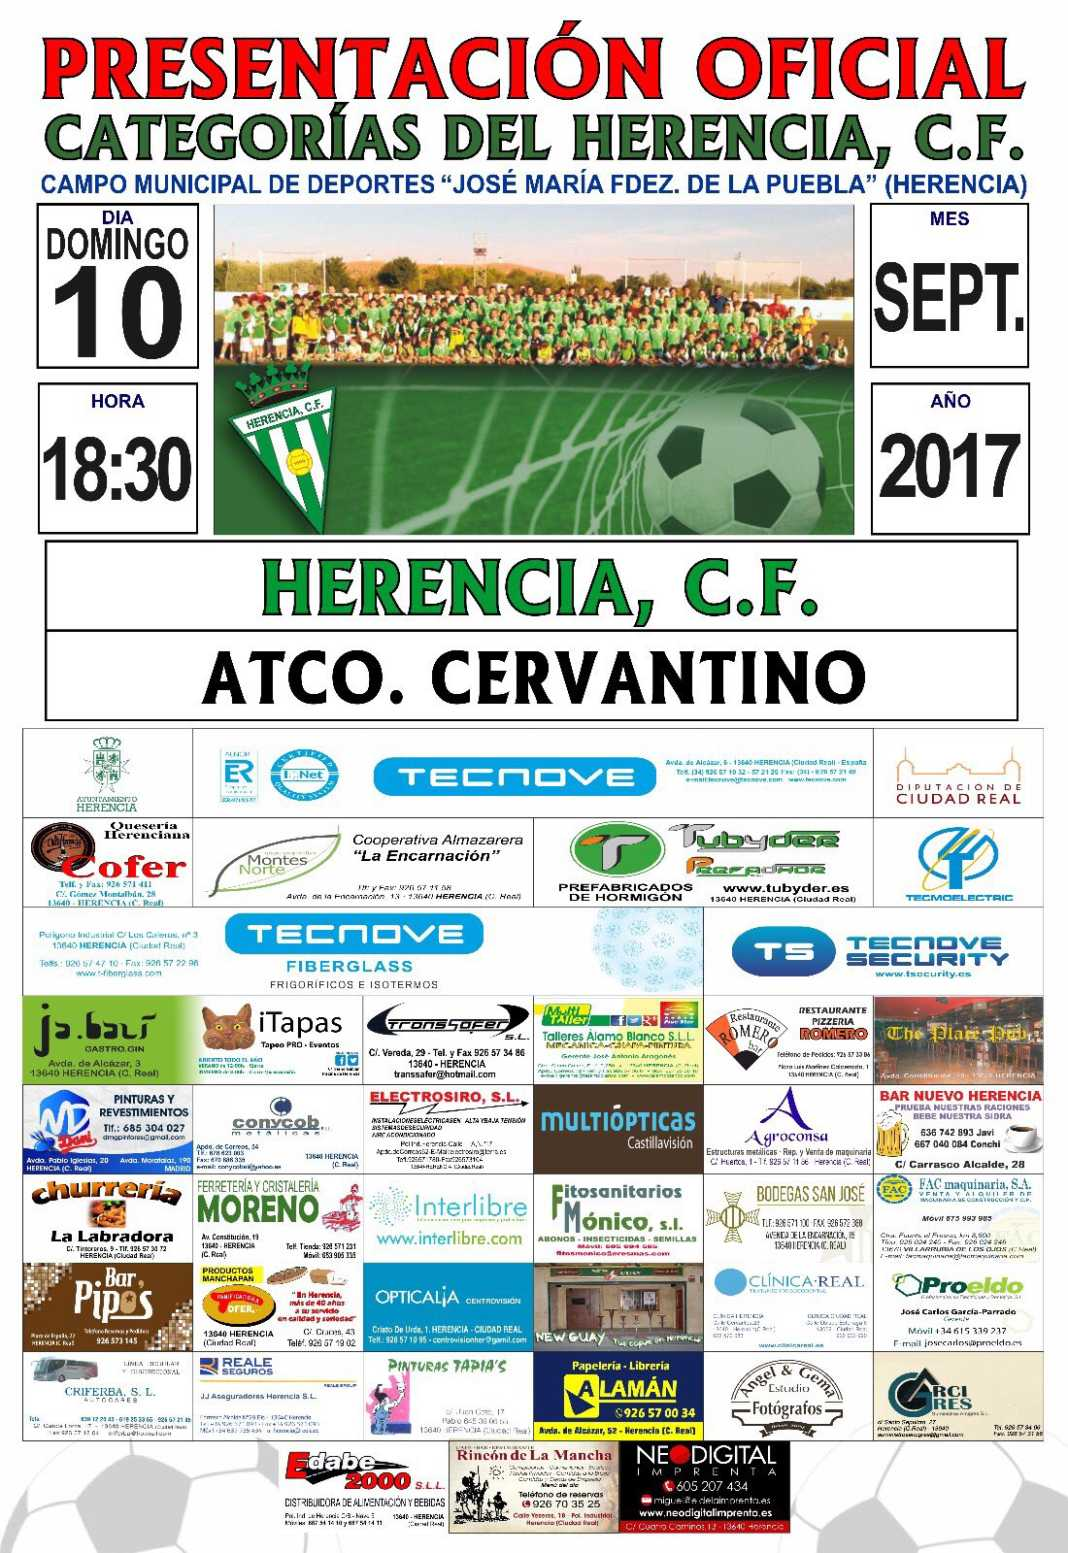 futbol herencia cf atco cervantino 1068x1553 - Fútbol: Último partido de pretemporada antes de comenzar la liga